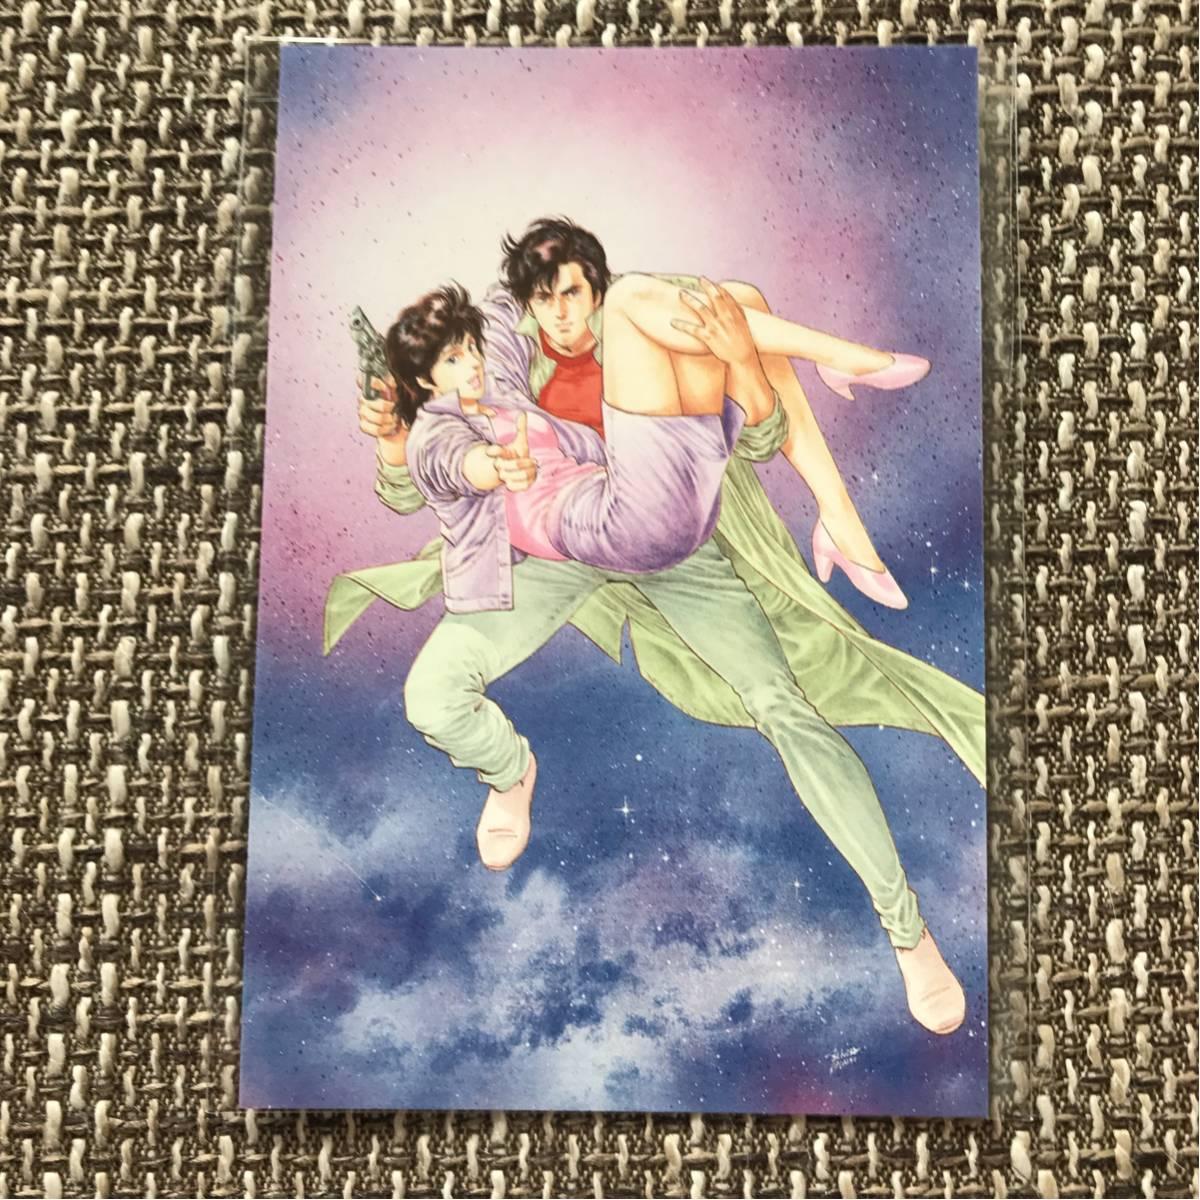 ☆シティーハンターのすべて 展 北九州市 漫画ミュージアム グッズ 会場限定 ポストカード ②☆